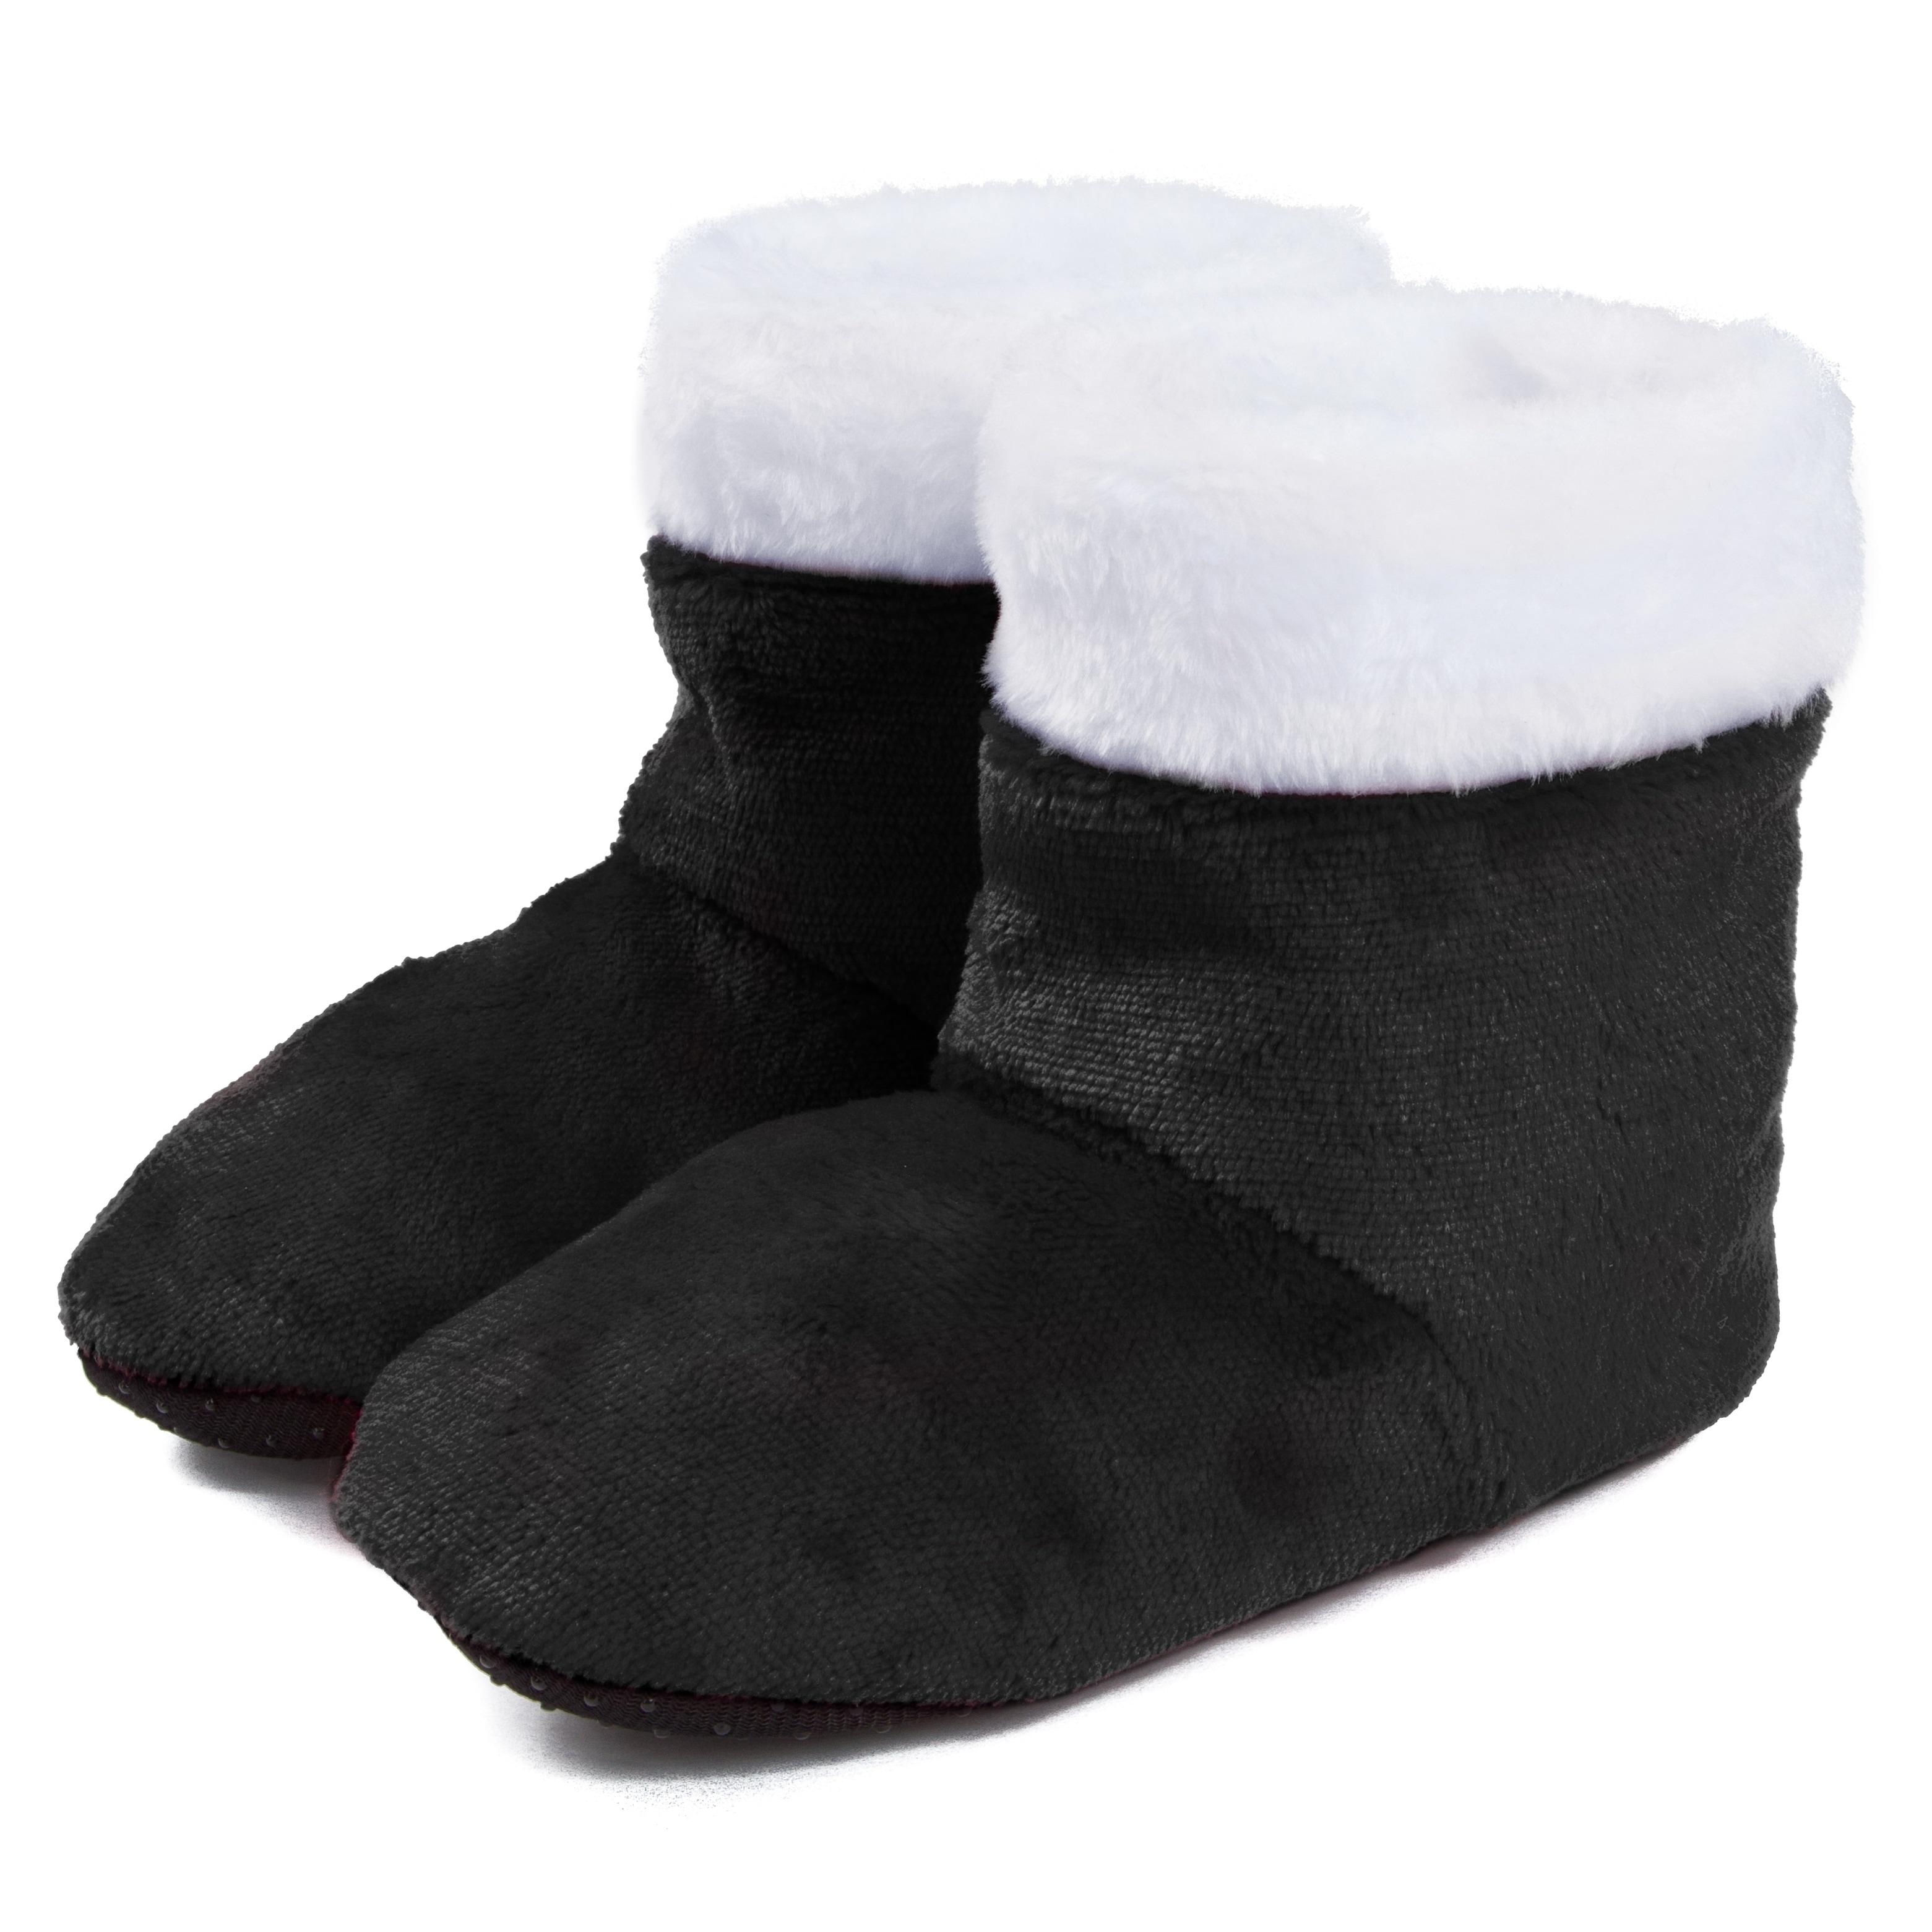 Leisureland Kids Fuzzy Bootie Slippers